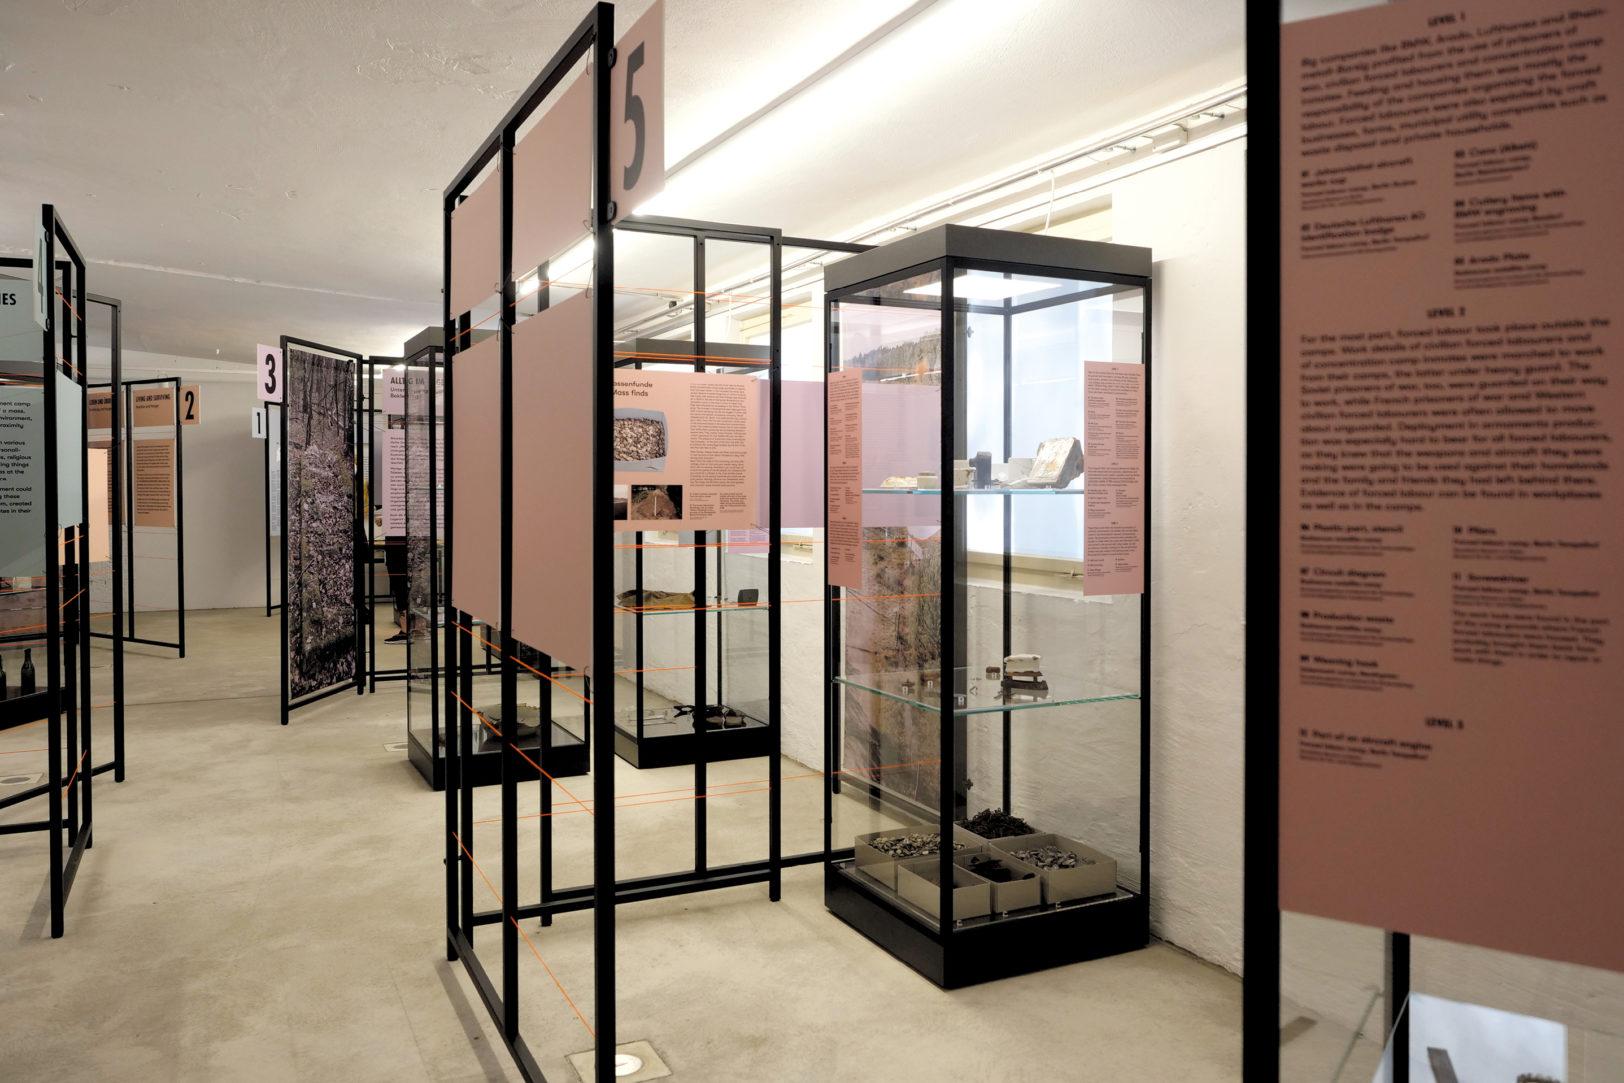 http://e-o-t.de/wordpress/wp-content/uploads/2020/04/Exhibition-Ausgeschlossen-eot-3.jpg